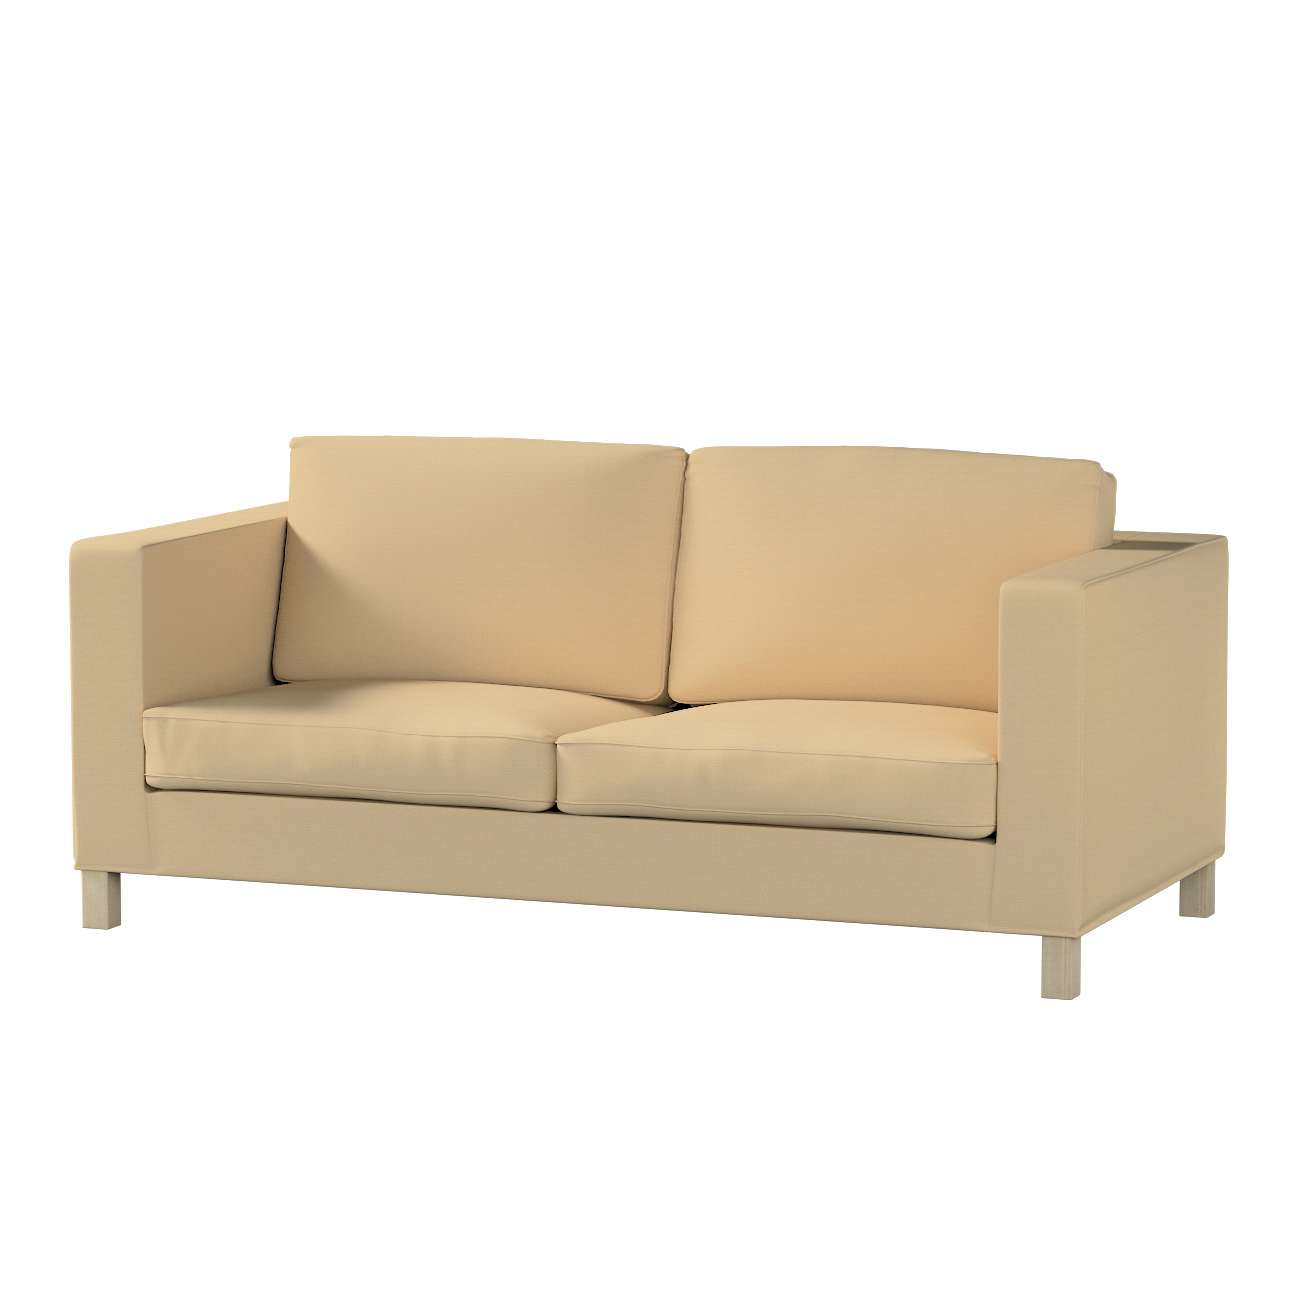 KARLANDA sofos lovos užvalkalas KARLANDA sofos lovos užvalkalas kolekcijoje Cotton Panama, audinys: 702-01